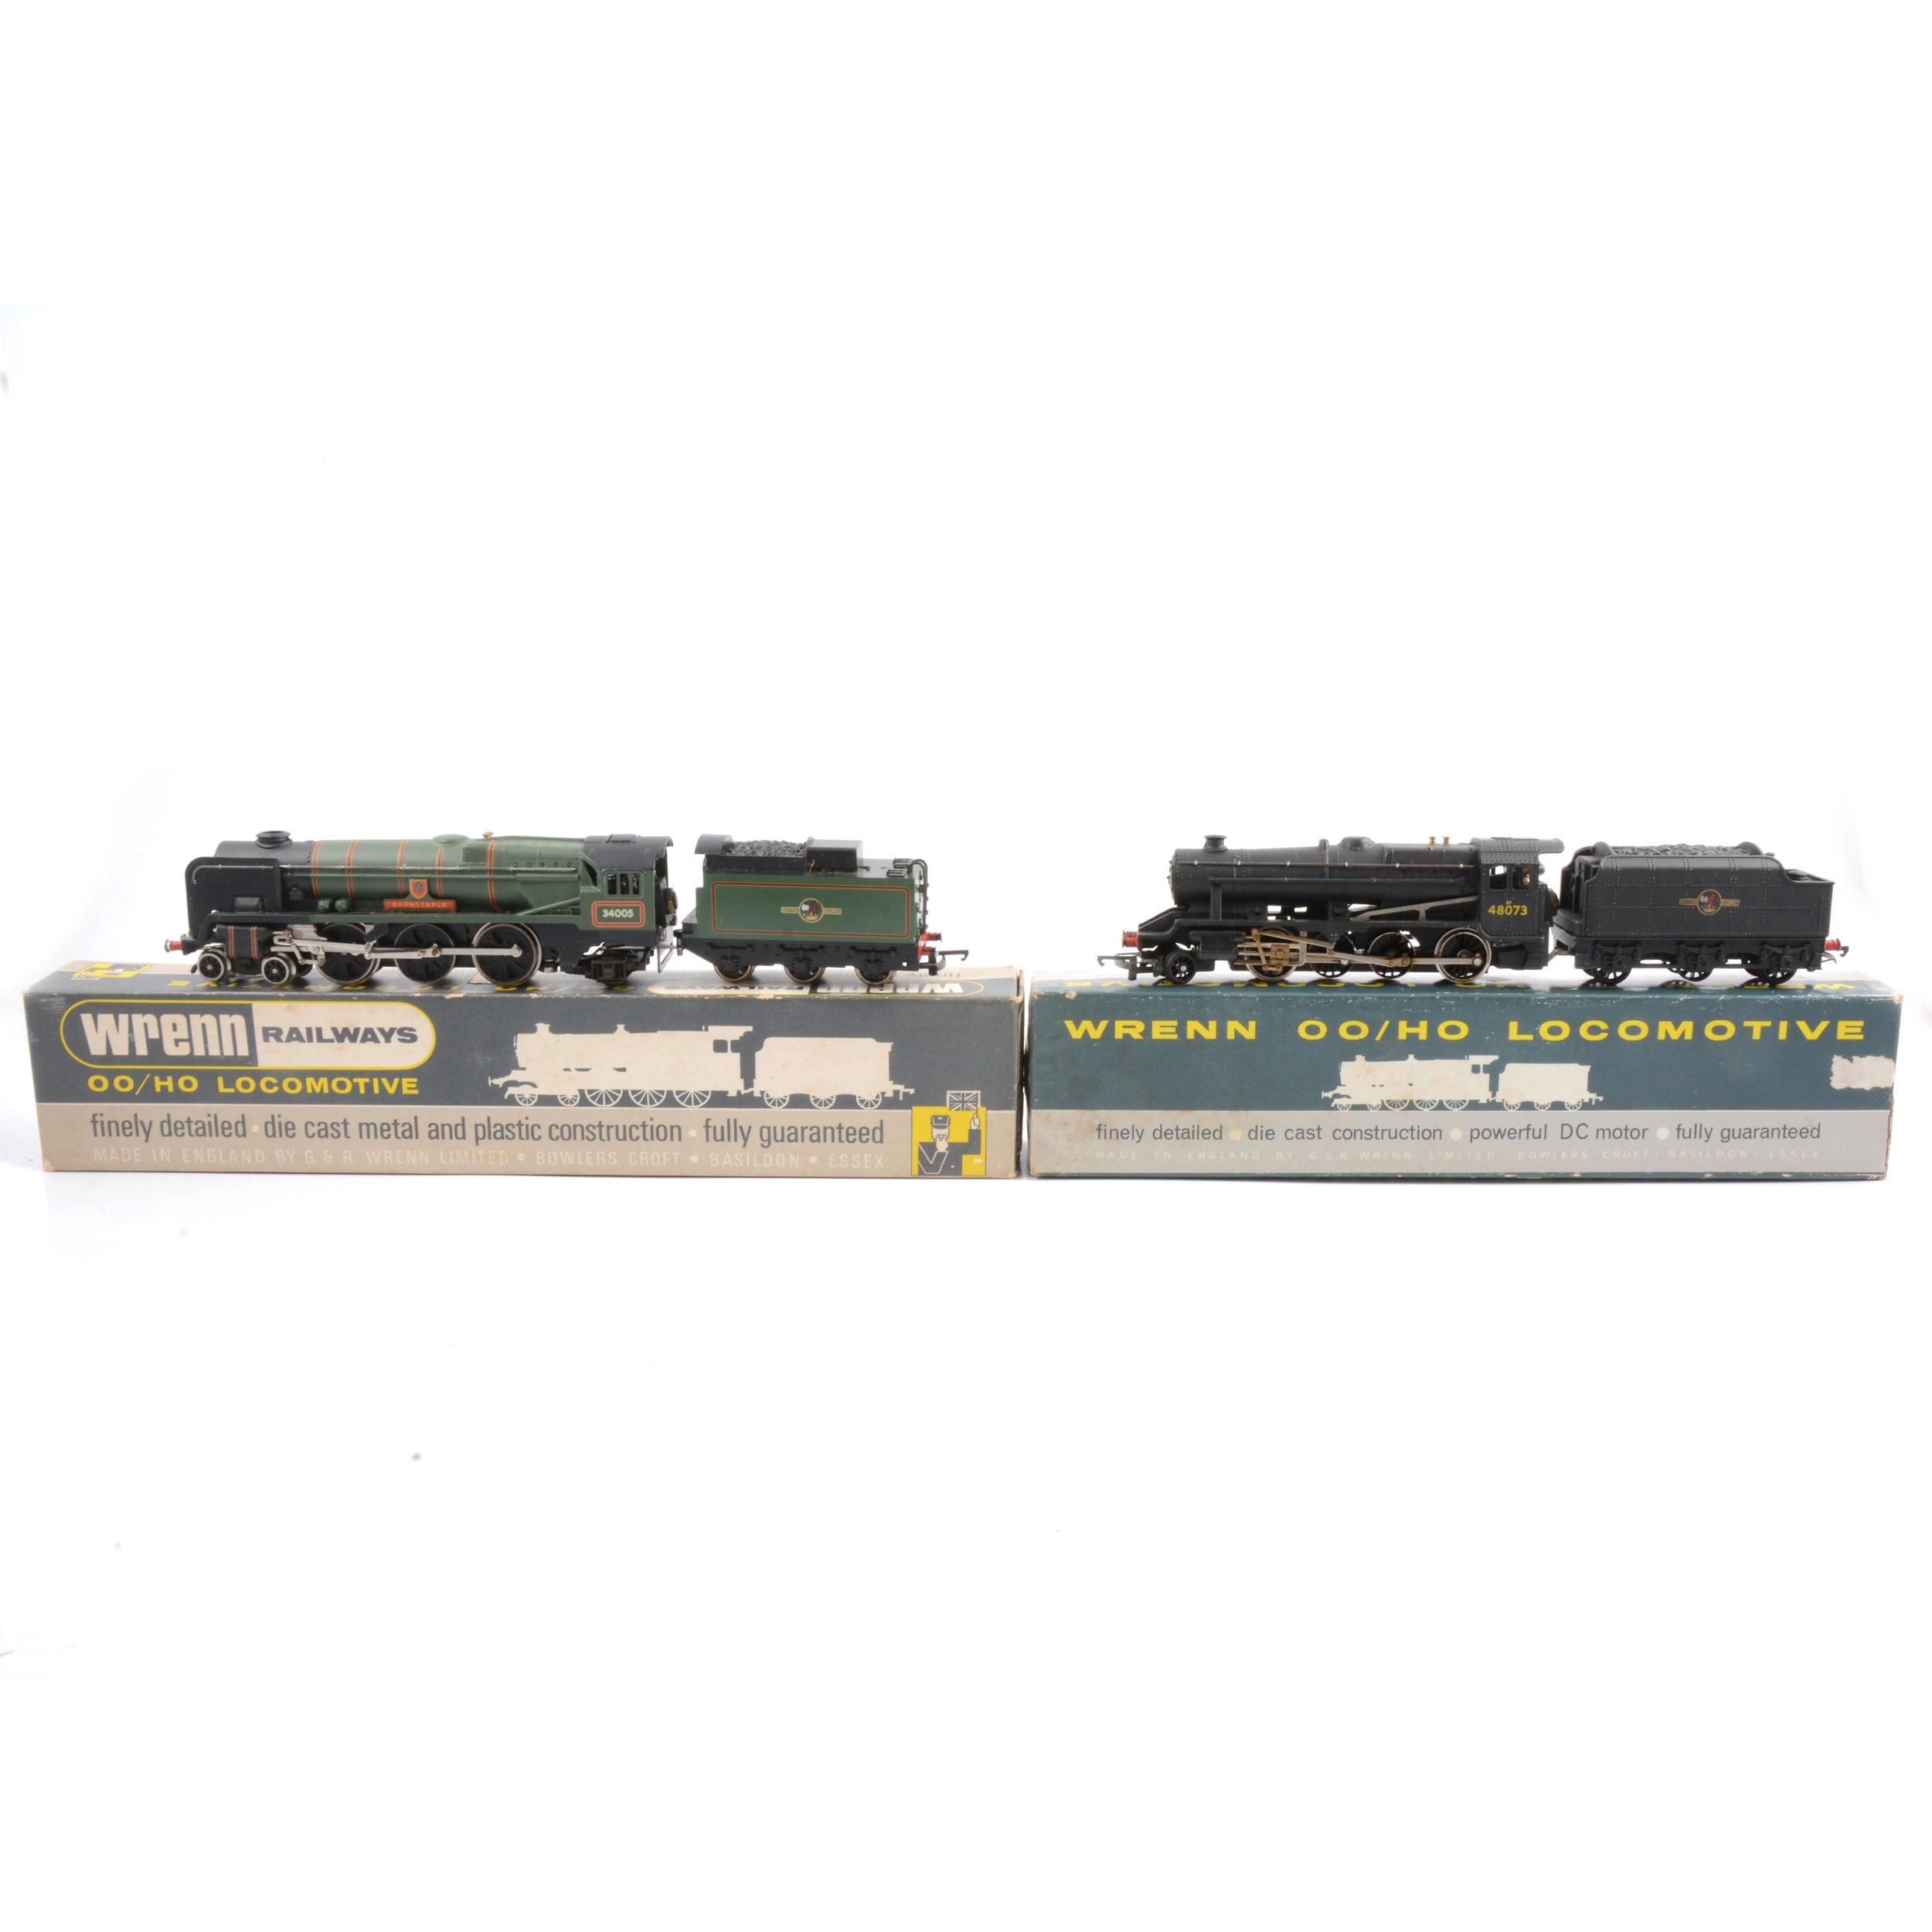 Two Wrenn OO gauge locomotives W2236 & W2224